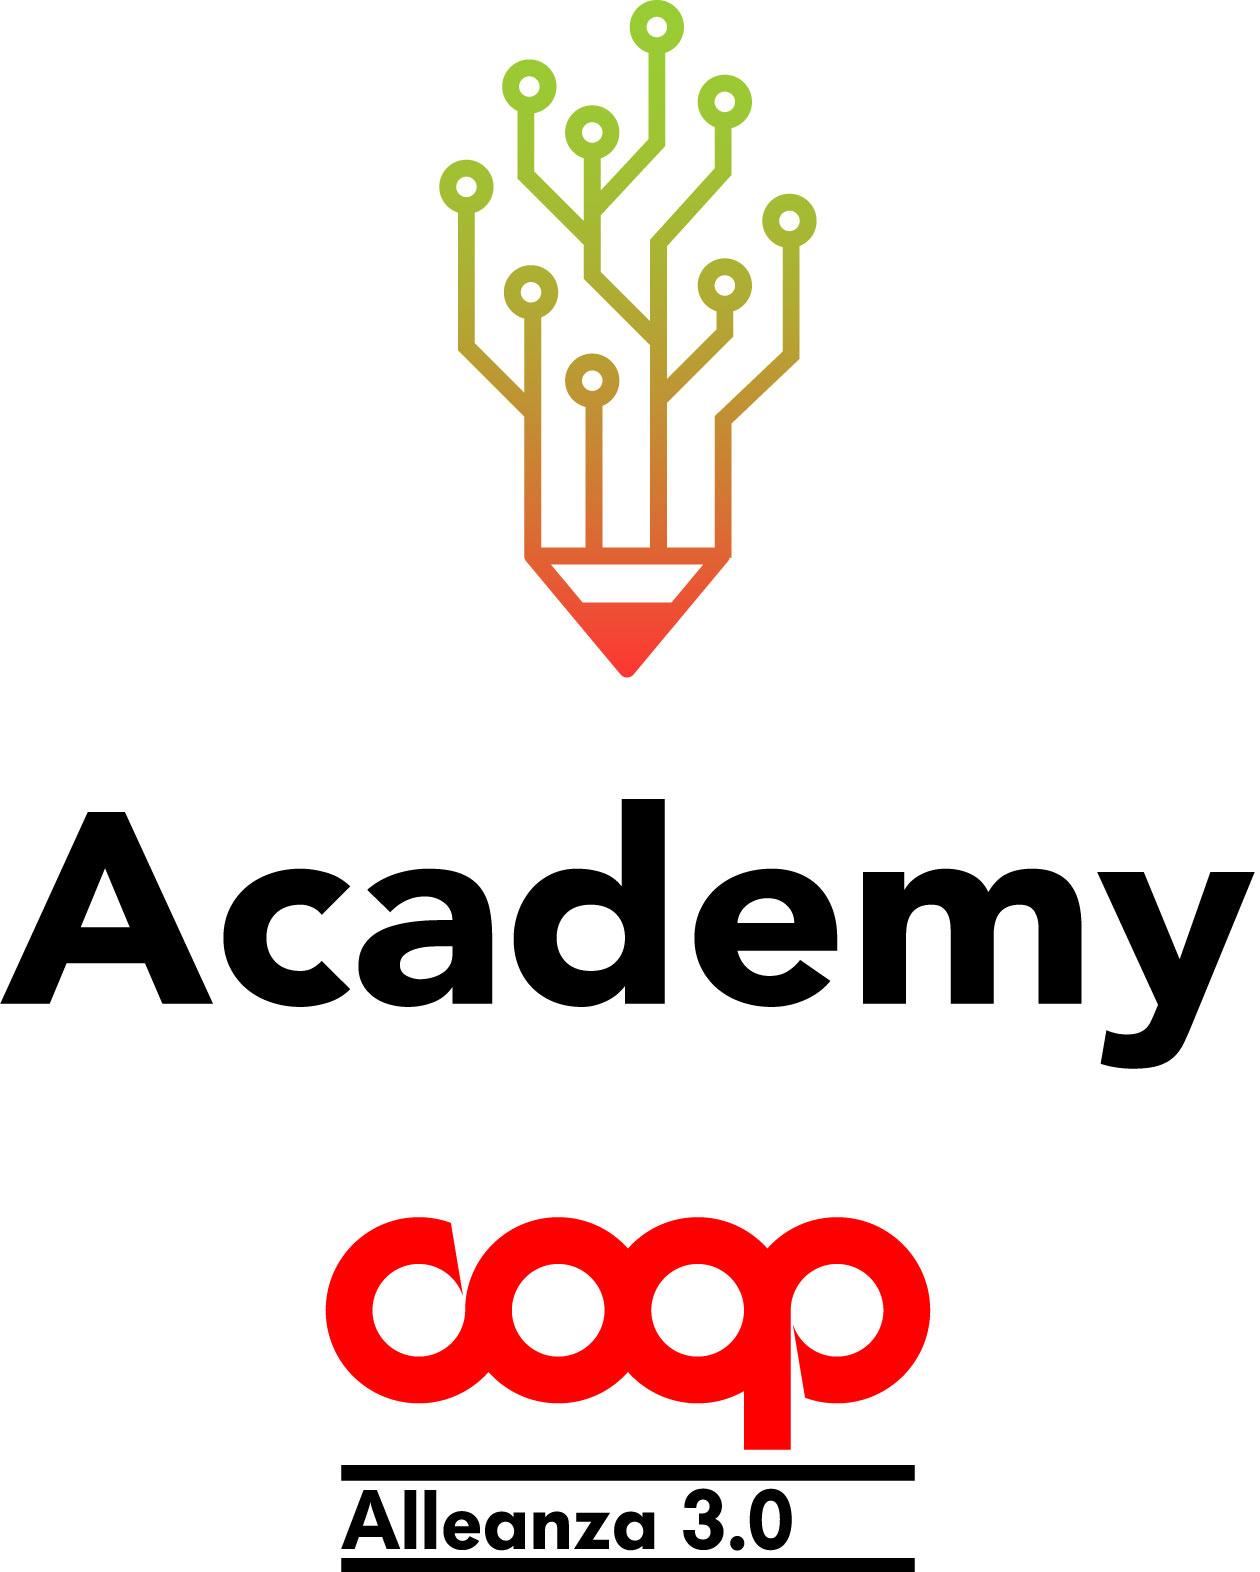 Nasce la Corporate Academy Coop Alleanza 3.0:  una grande operazione culturale e formativa  aperta ai 21.000 dipendenti dei punti vendita e di sede